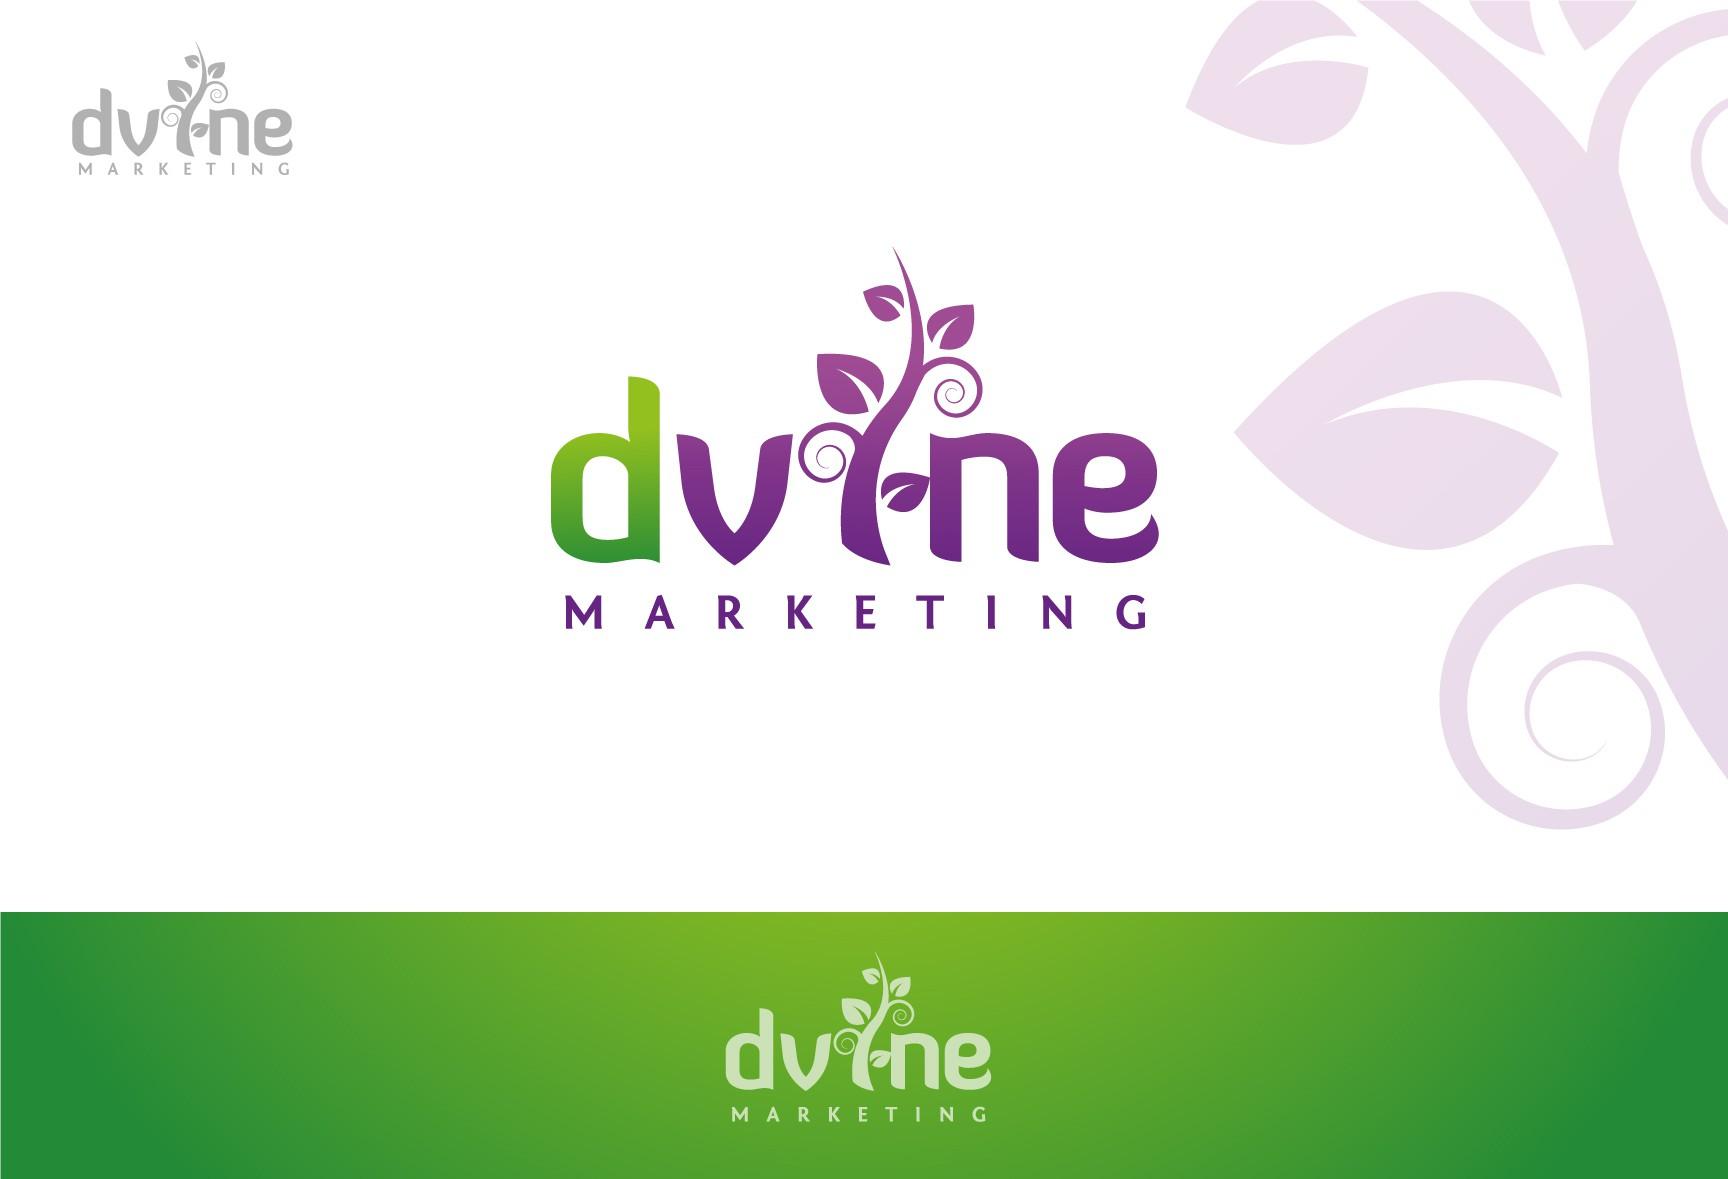 Help DVine Marketing with a new logo